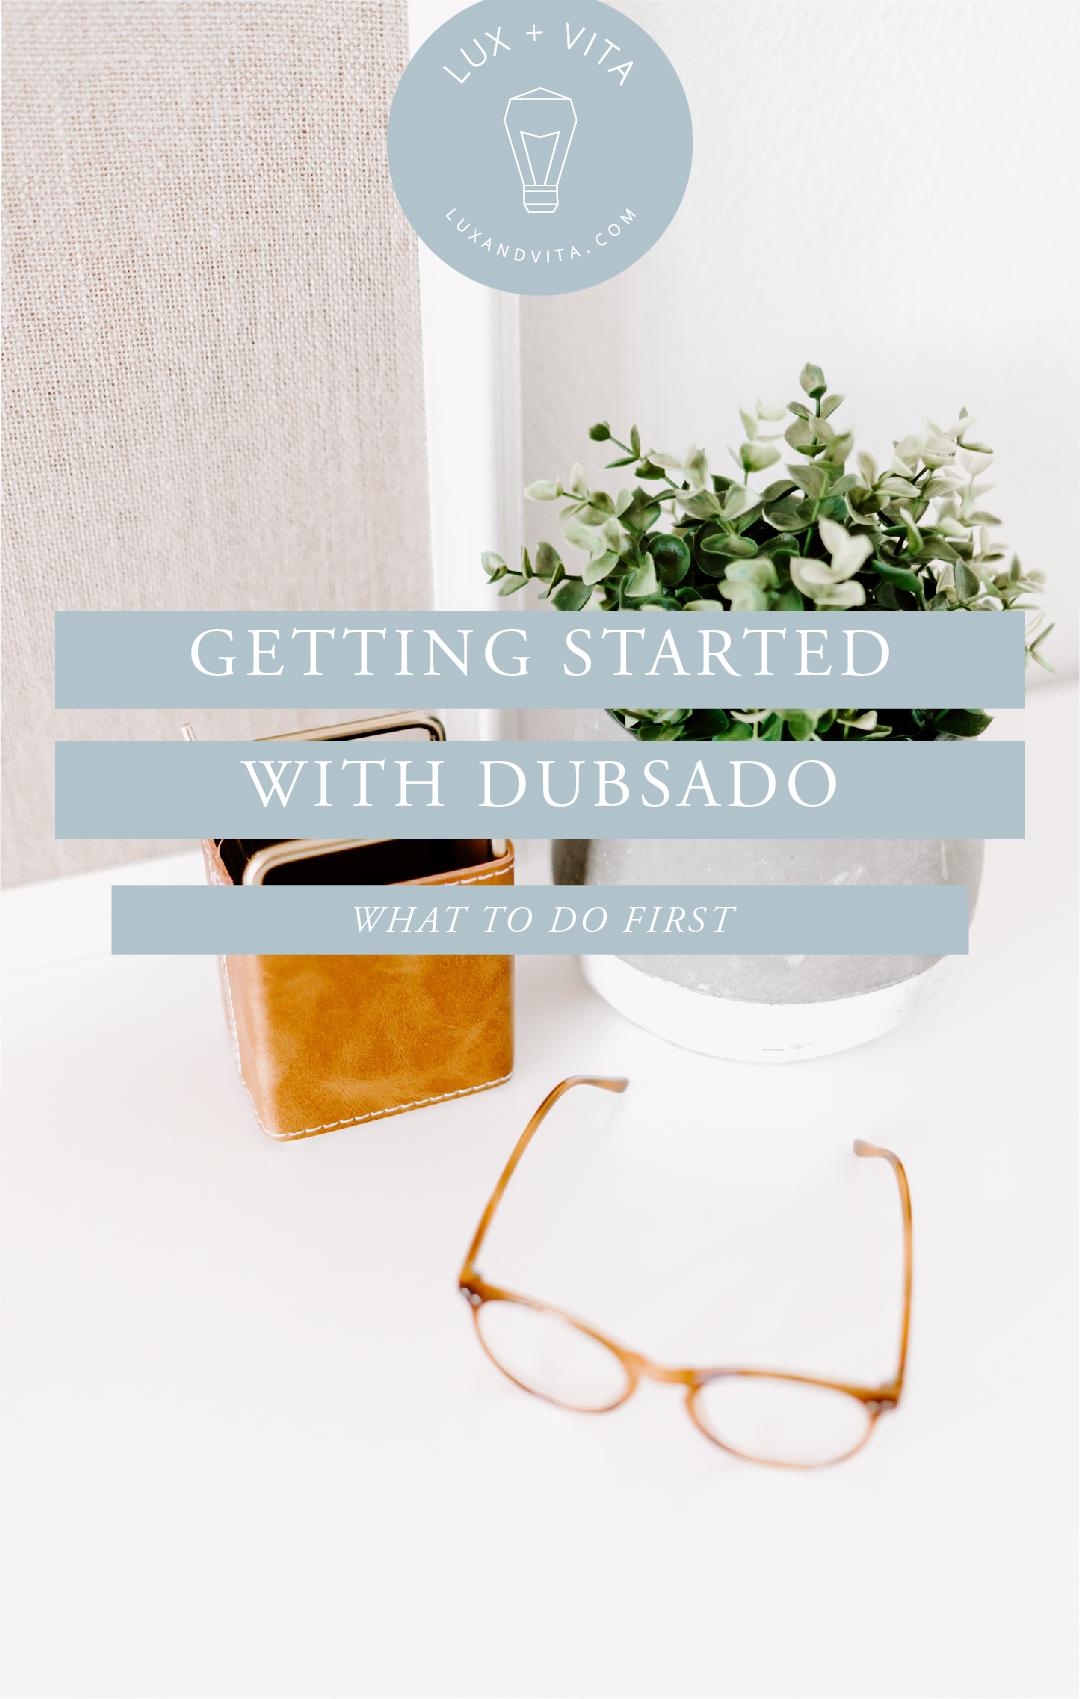 How to get started using Dubsado #startacrm #crm #dubsado #honeybook #17hats #tave #clientmanagement #howtousedubsado #usedubsado